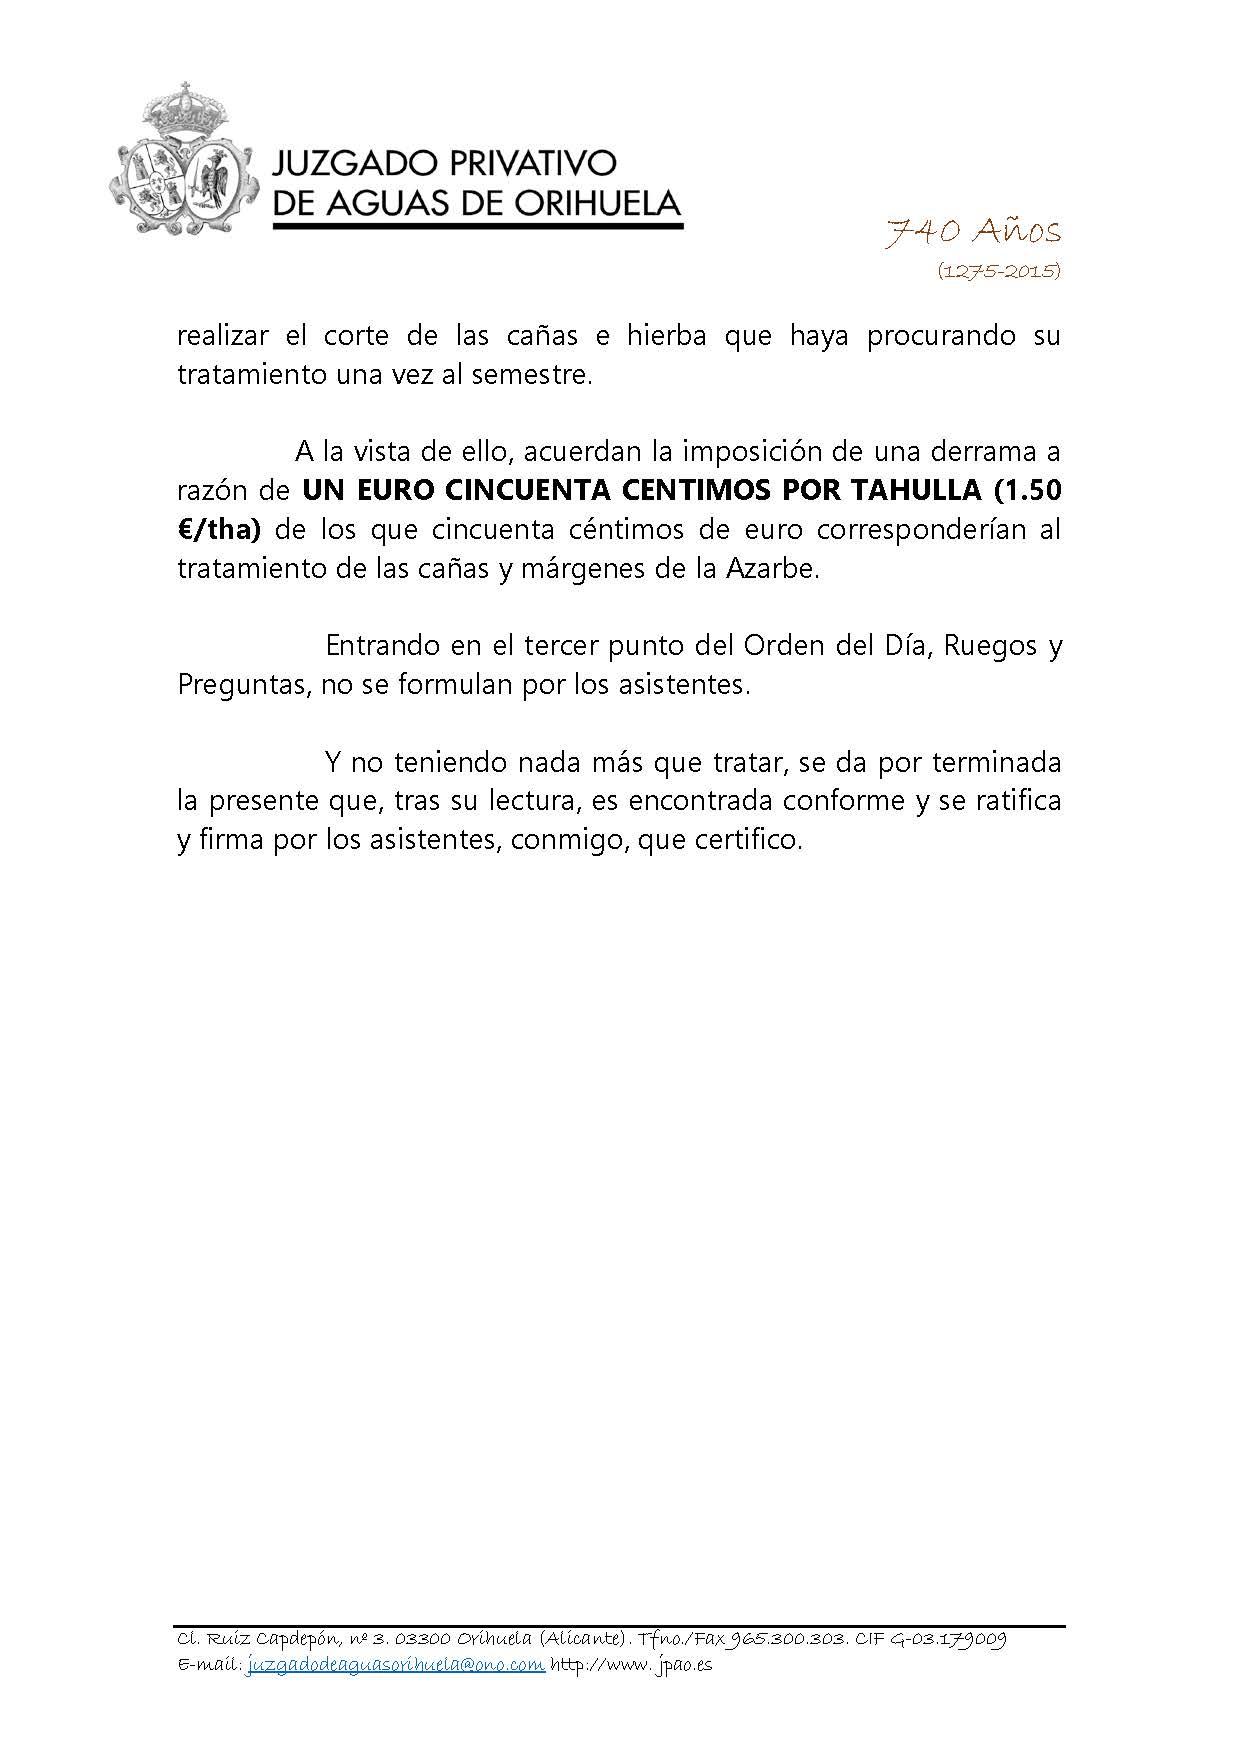 132 2015 AZARBE DE LOS CABALLOS. ACTA JUNTA GENERAL 10092015_Página_3